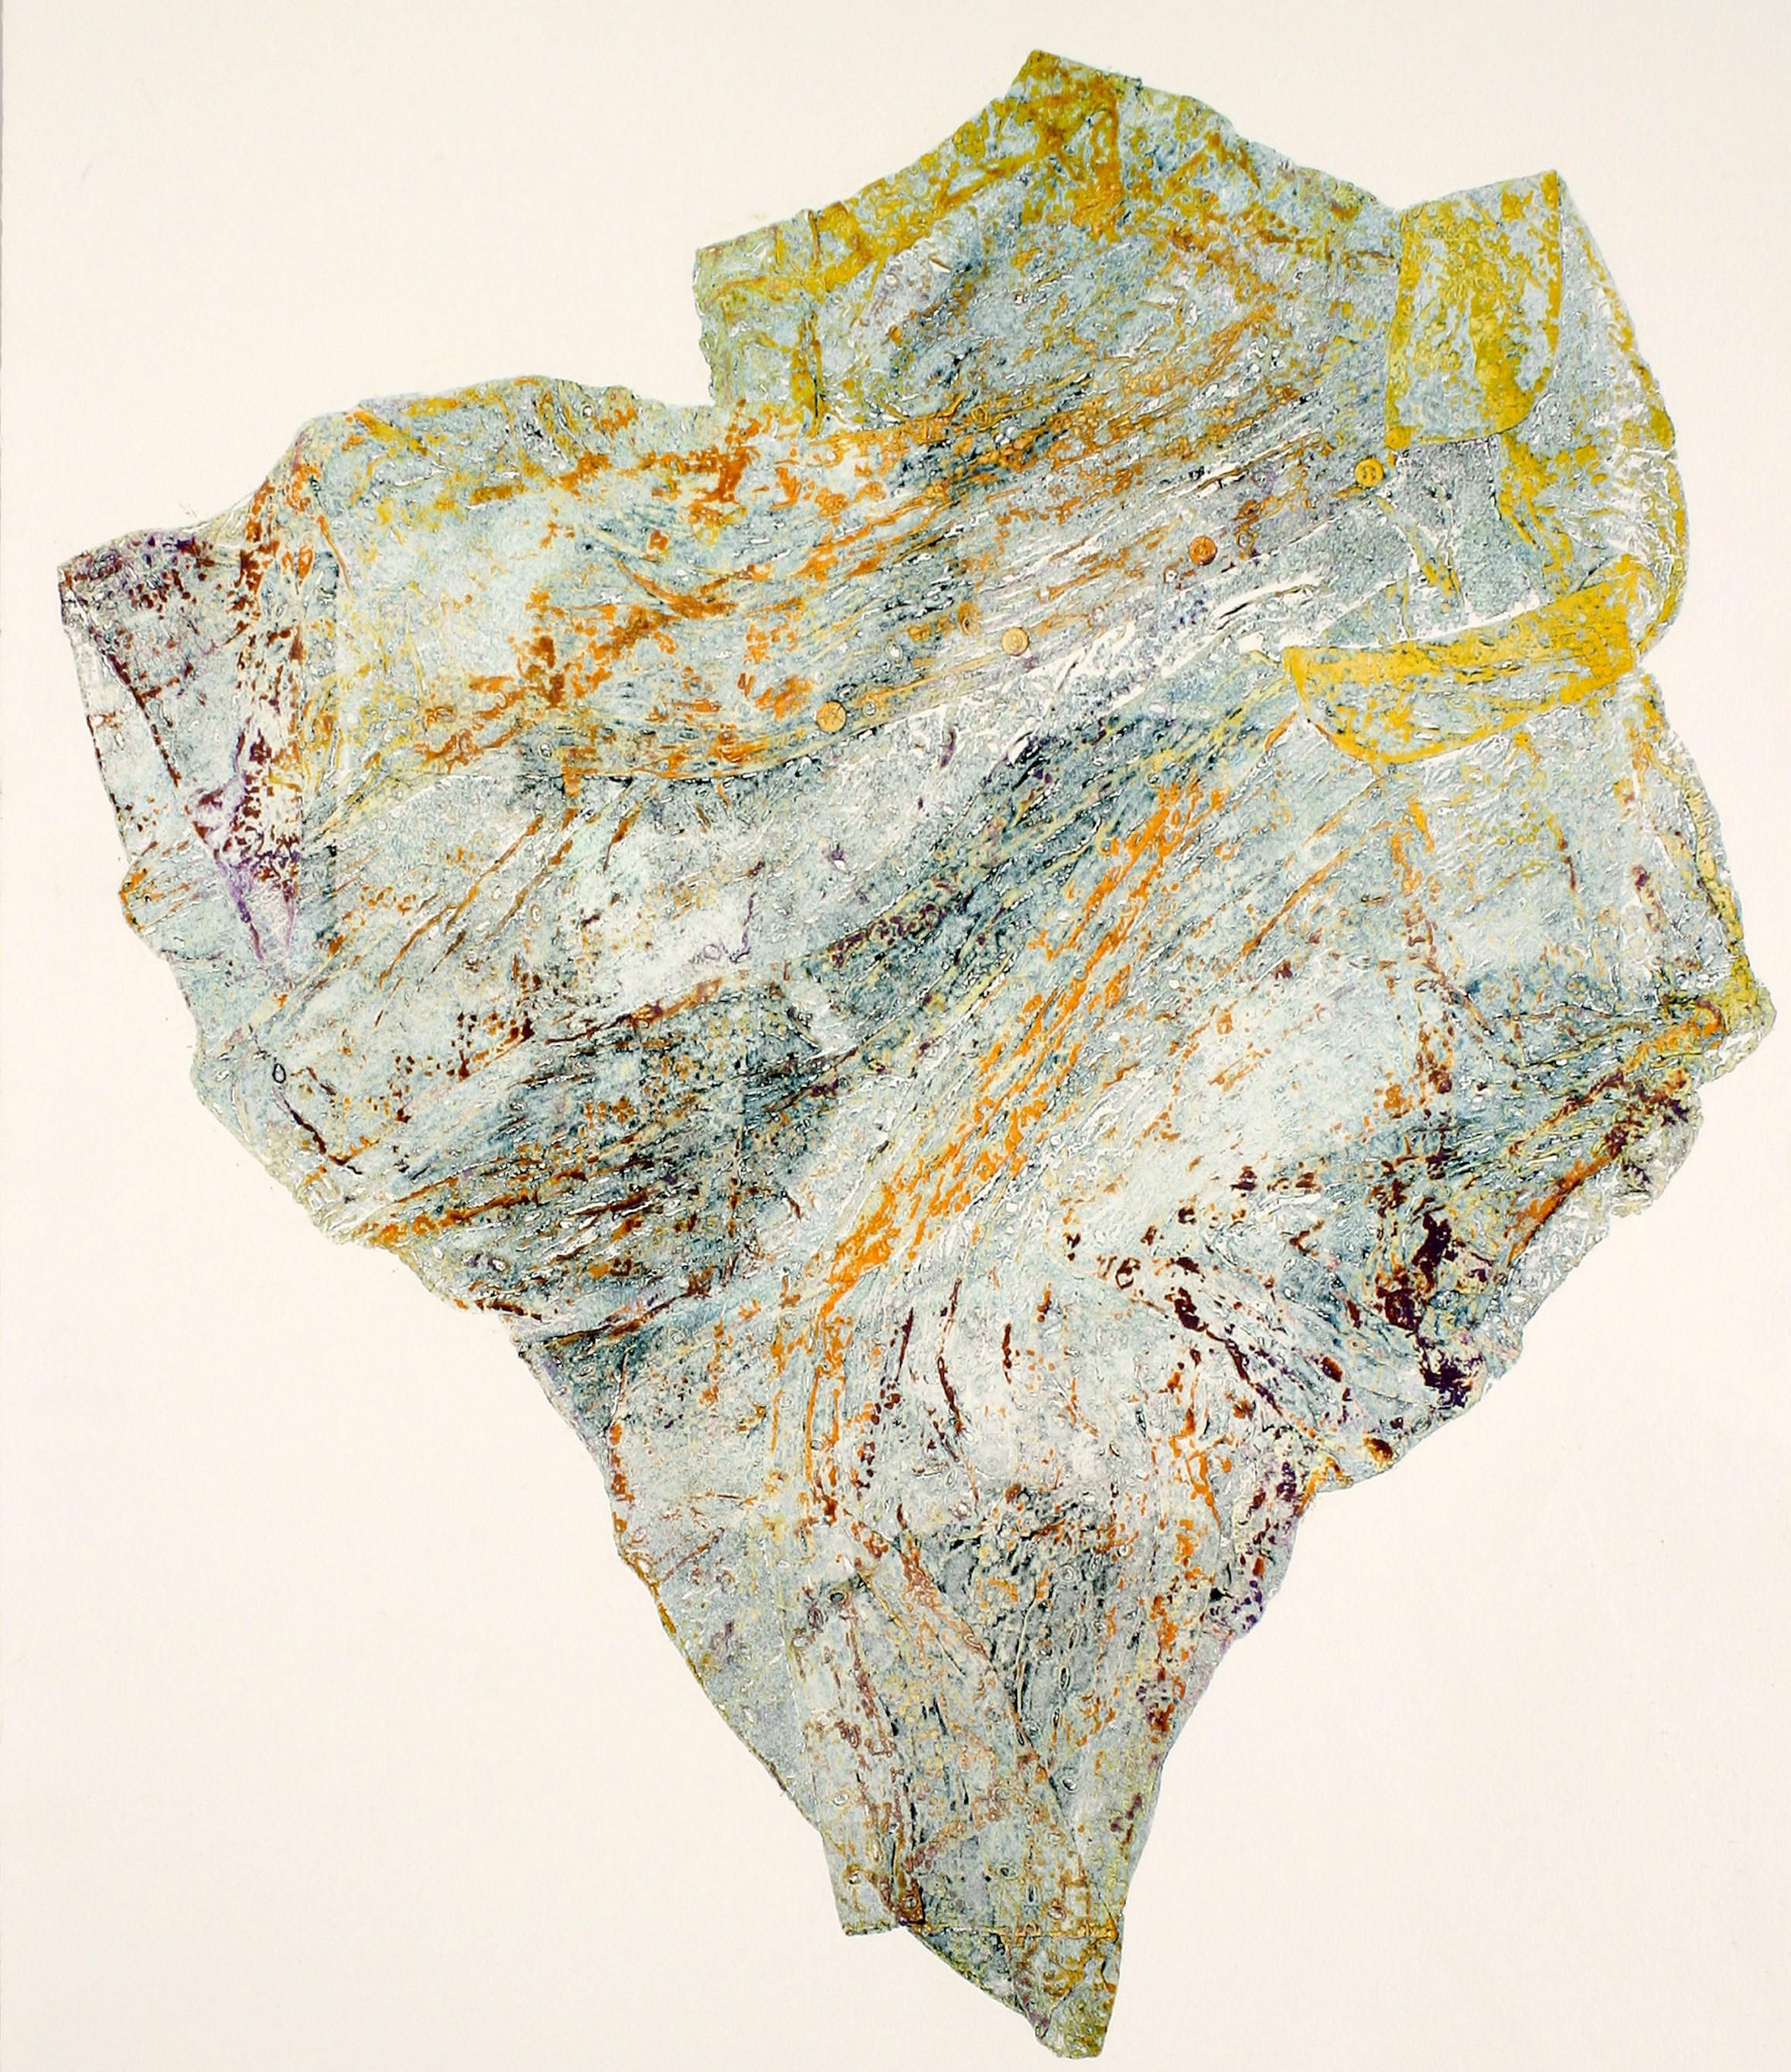 La mia Africa: …come se l'intero bosco vibrasse leggermente  - Monoprint, Carta Bfk Rives, 60x80 cm, 2005